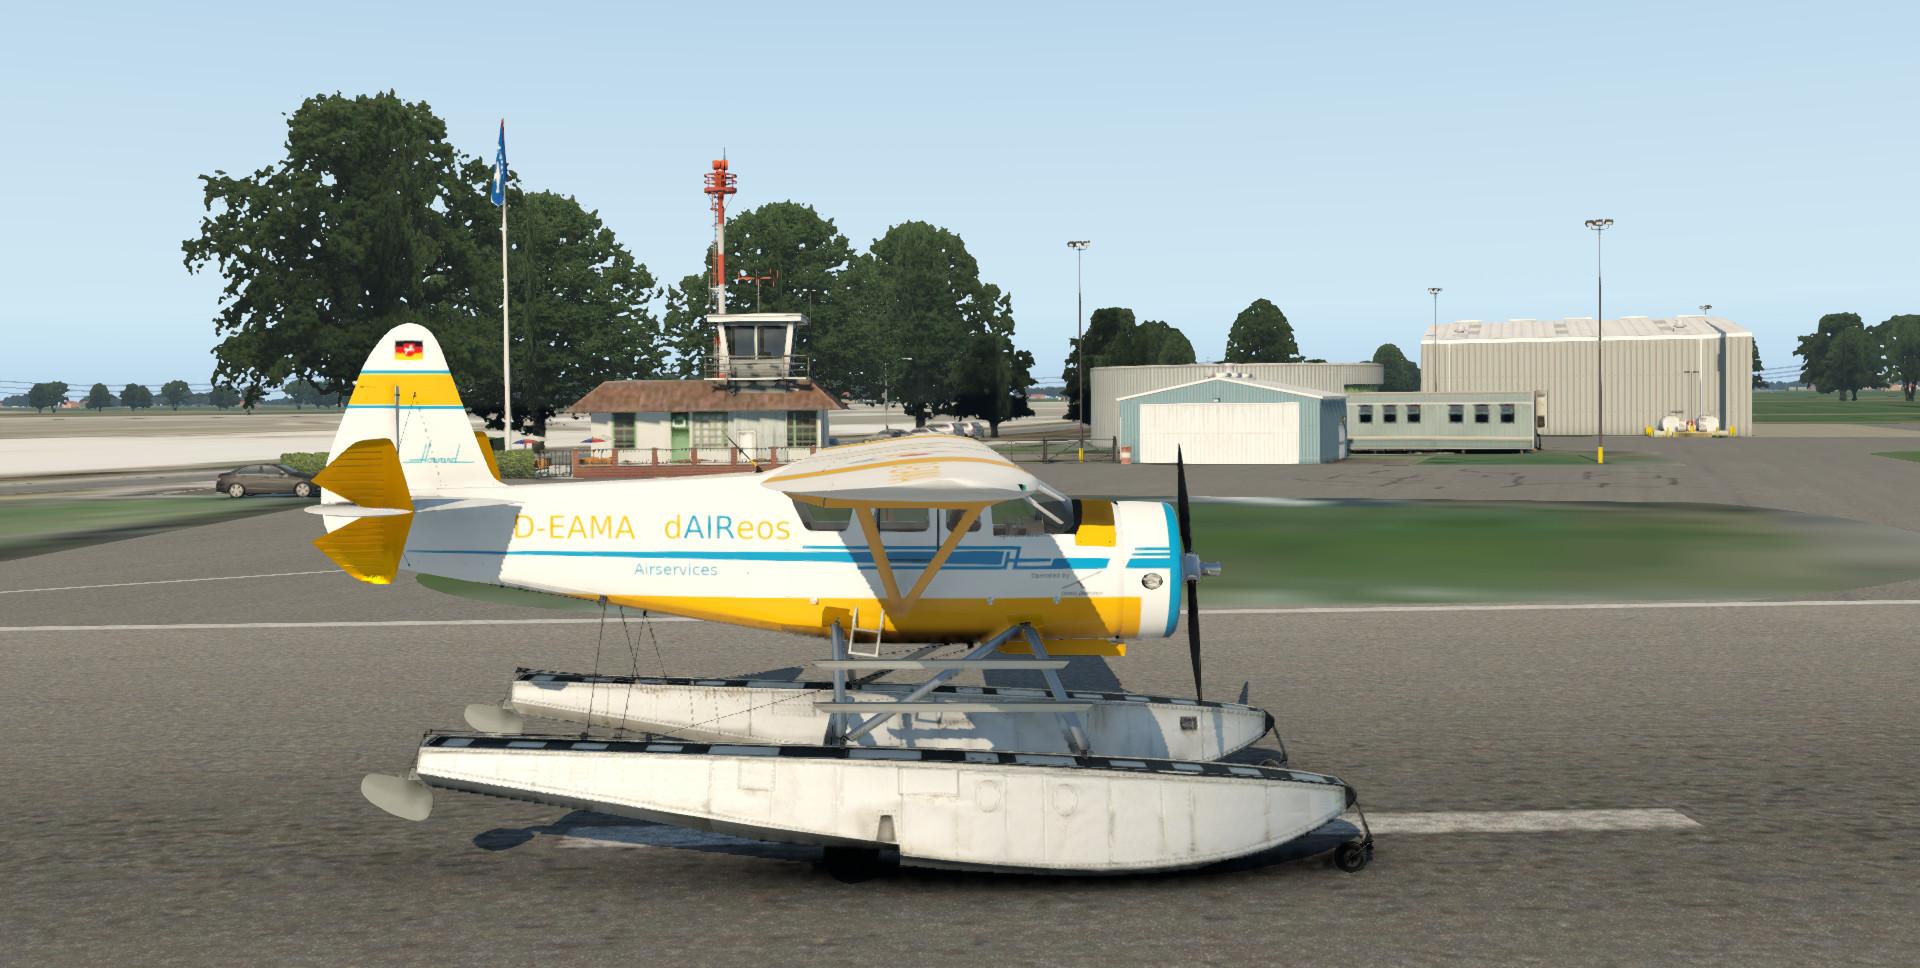 nordseerundflug-001htkdh.jpg